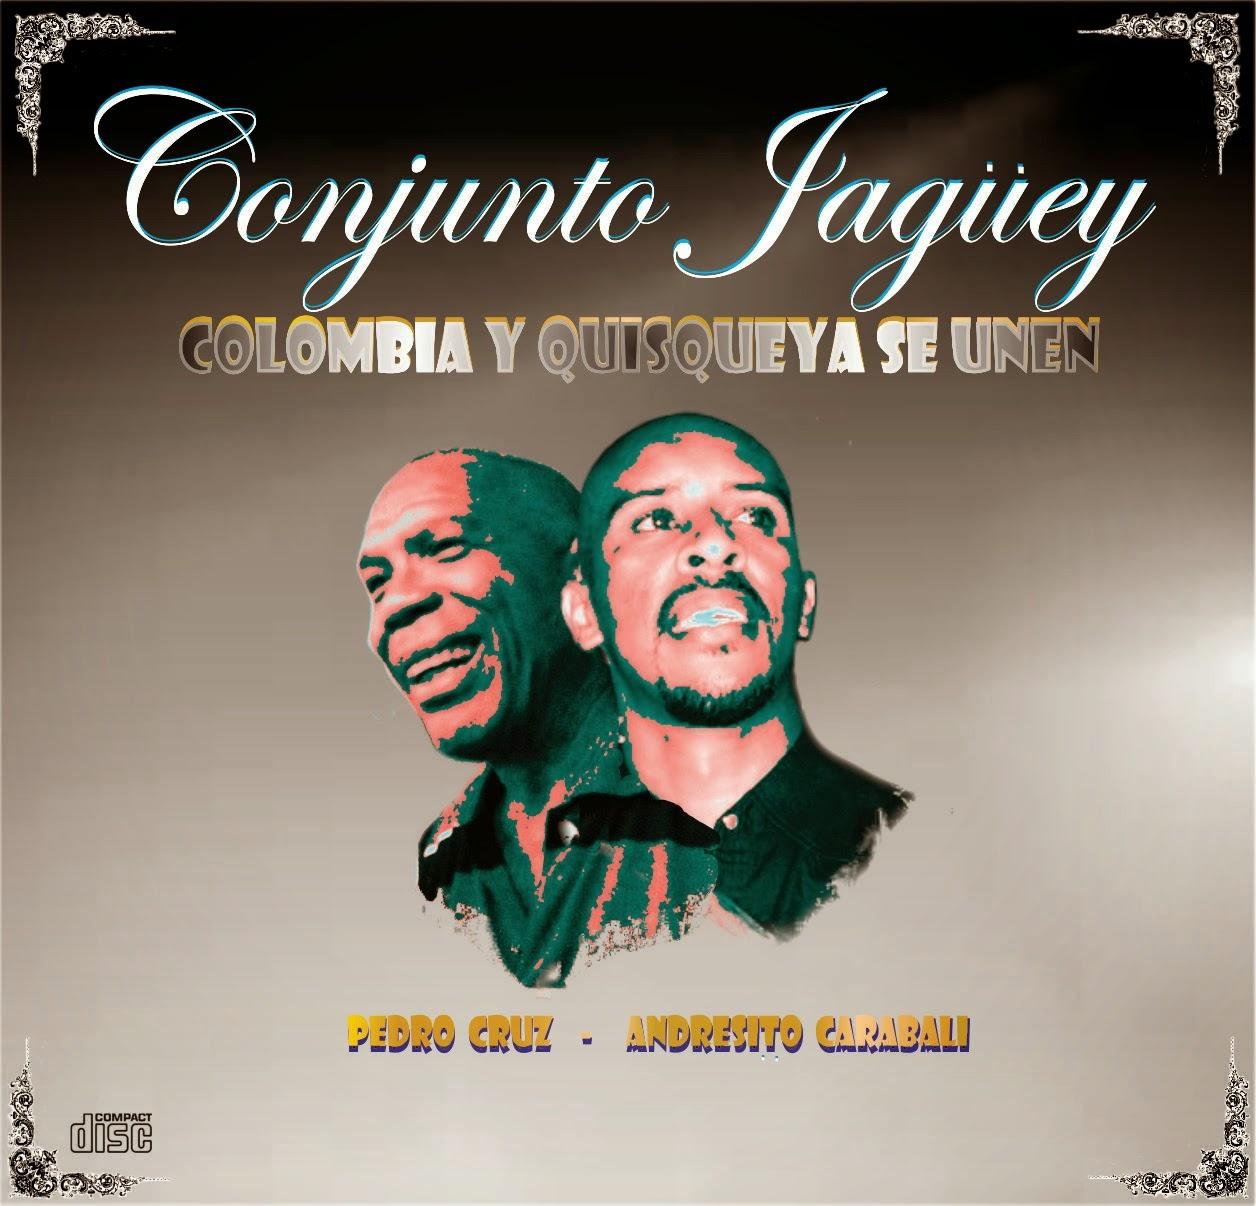 Conjunto Jagüey